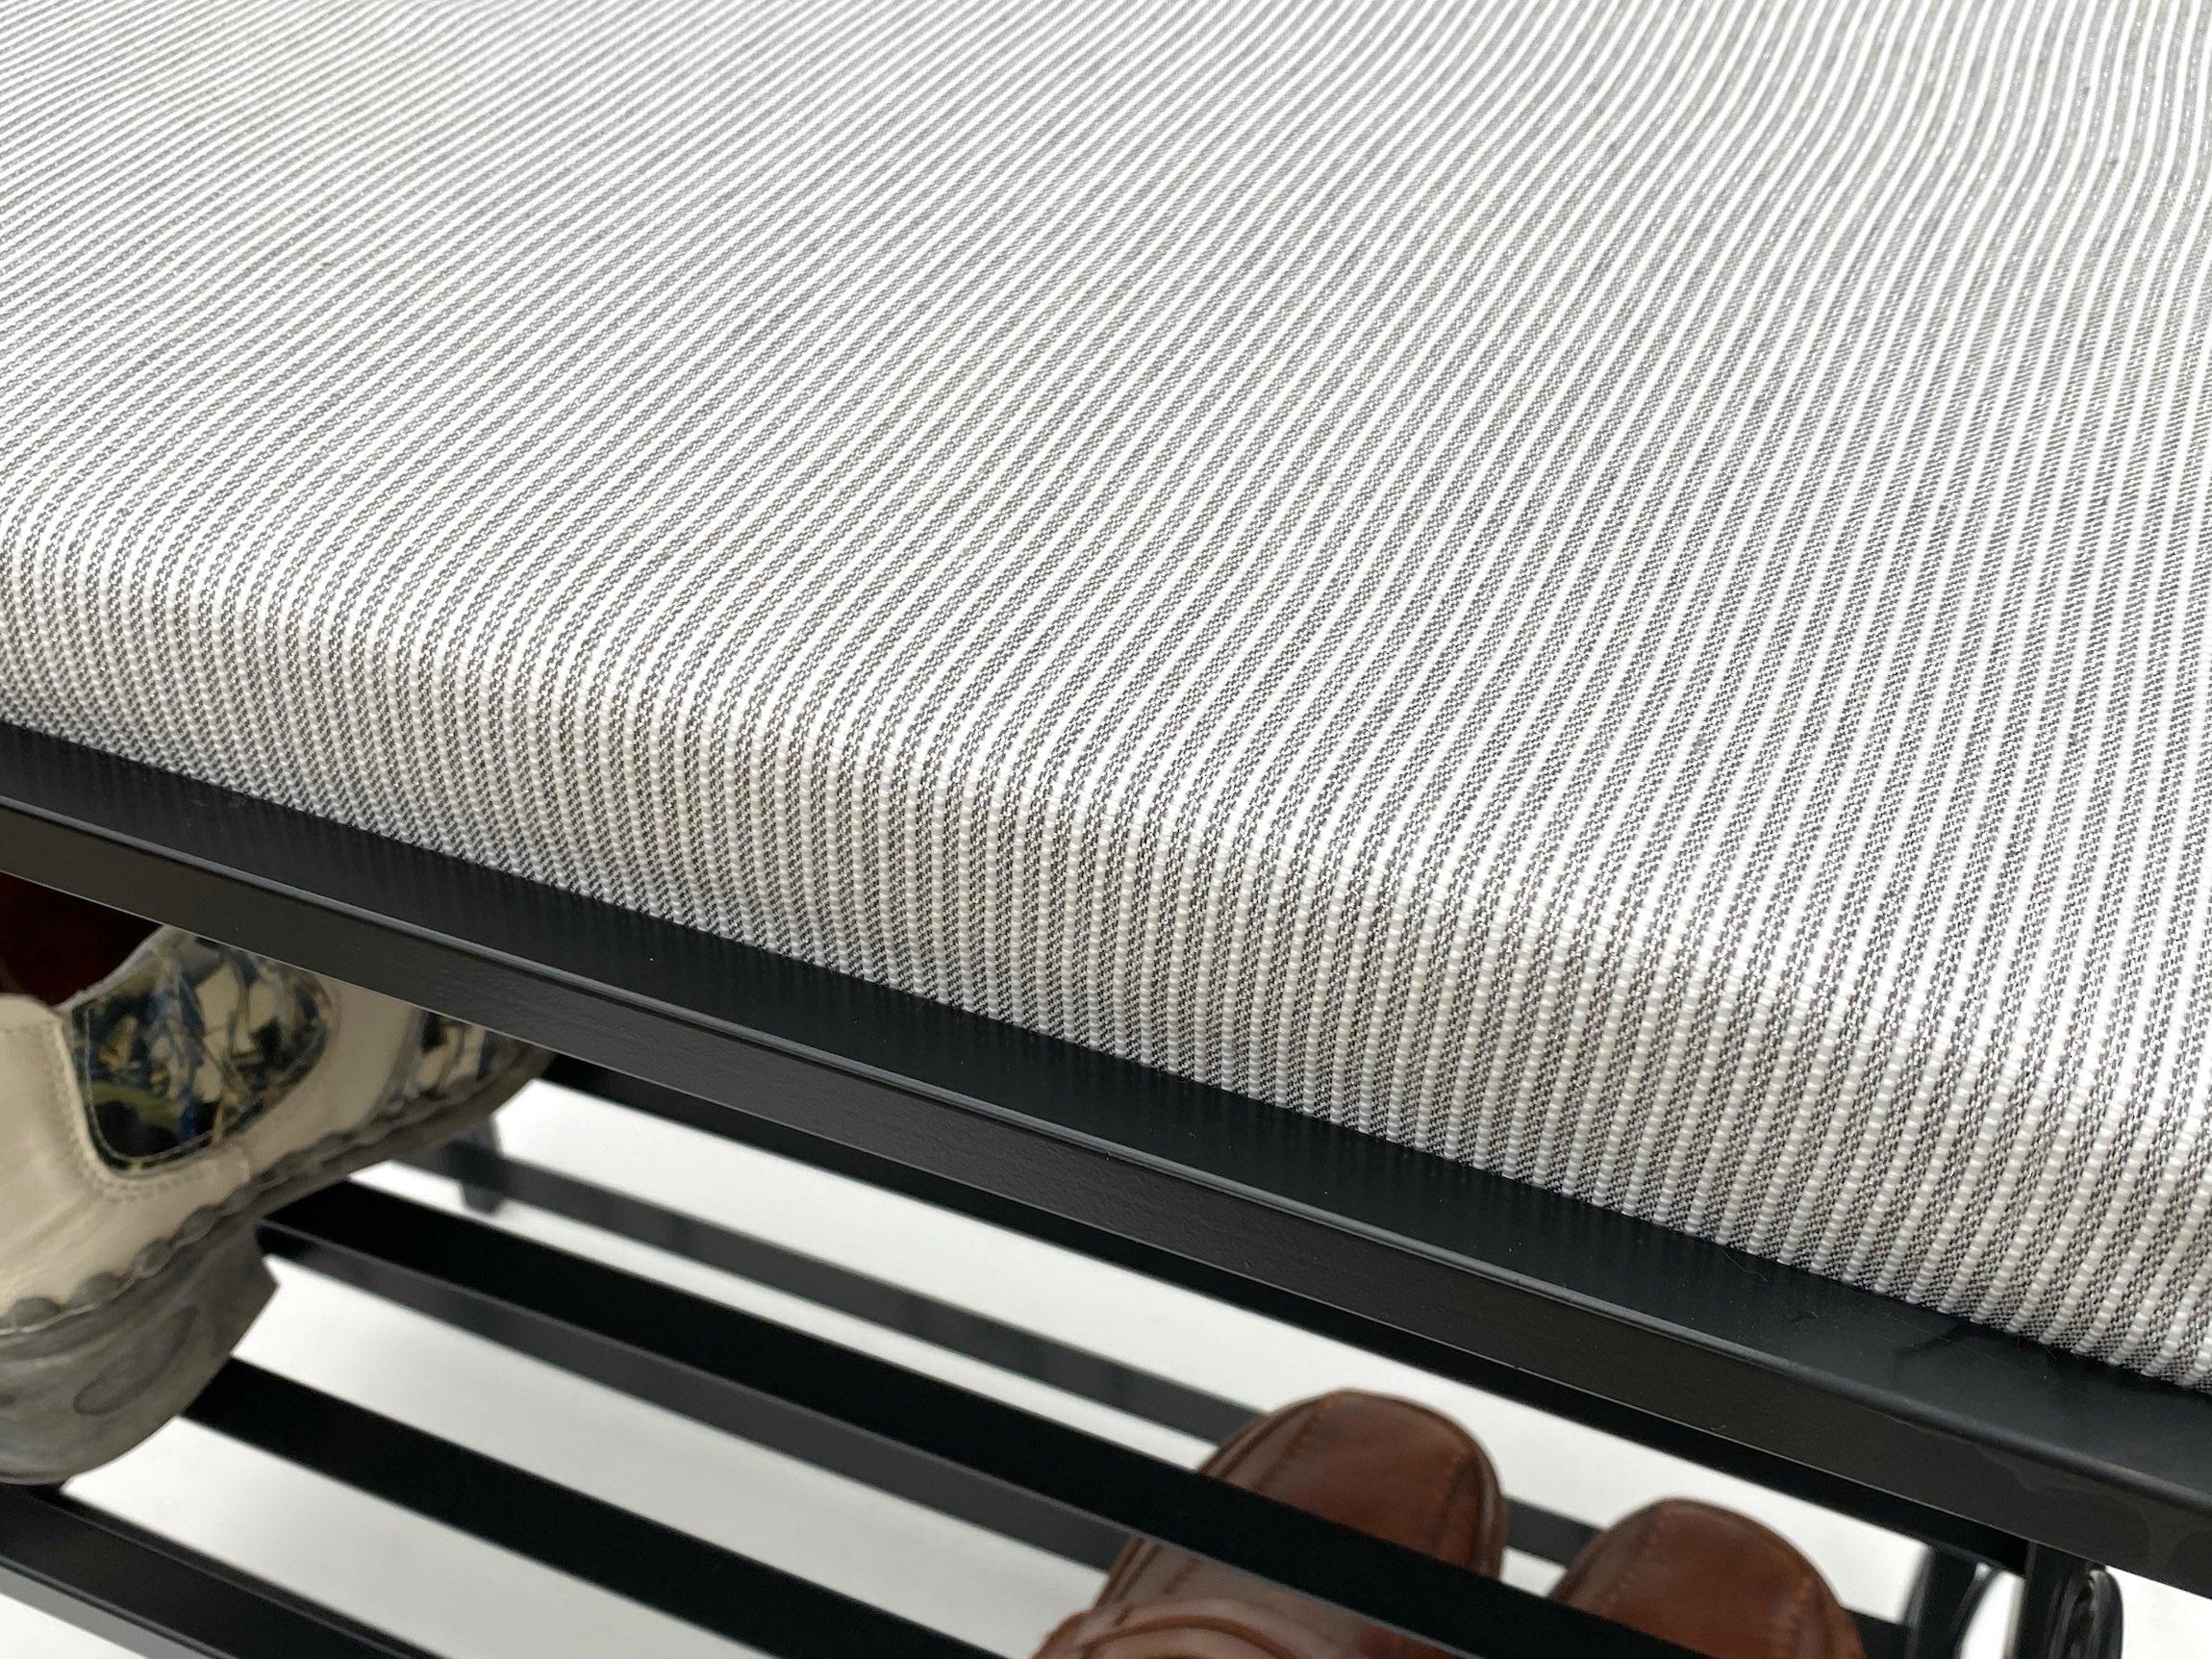 schuhregal mit sitzbank kw086 bank 60cm schuhschrank aus metall schuhablage 4260407935336 ebay. Black Bedroom Furniture Sets. Home Design Ideas